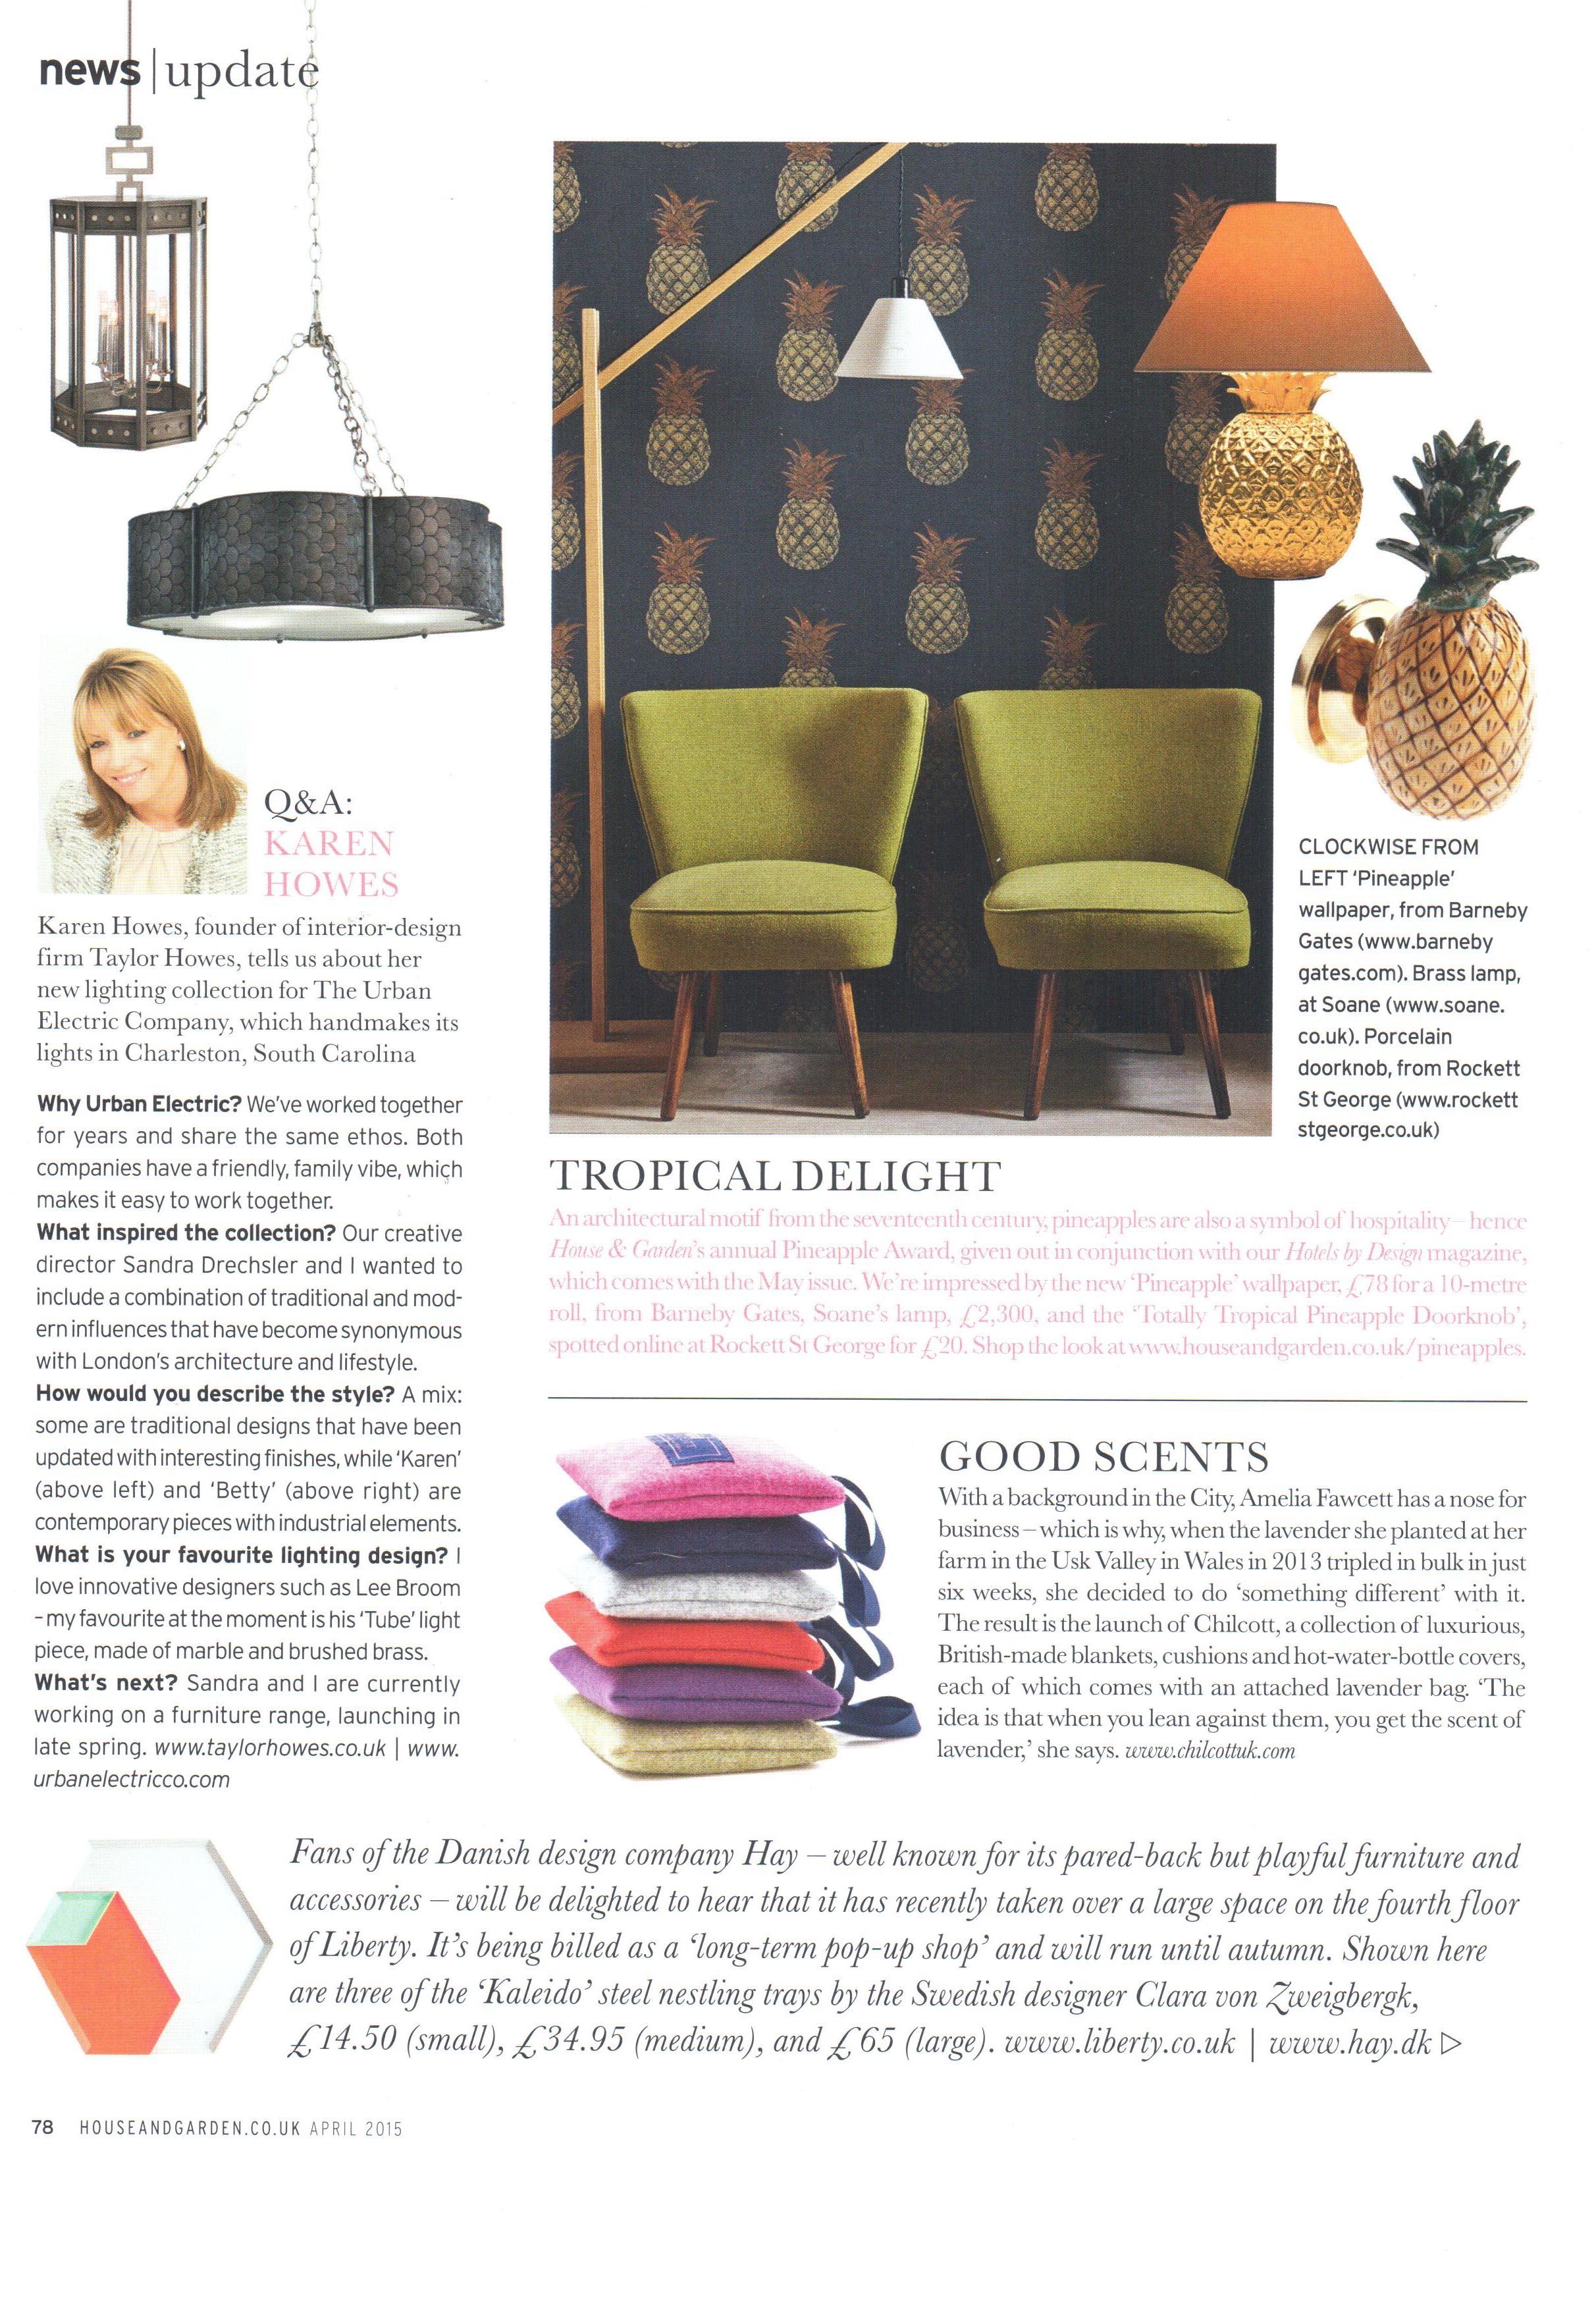 House & Garden - Article - April 2015